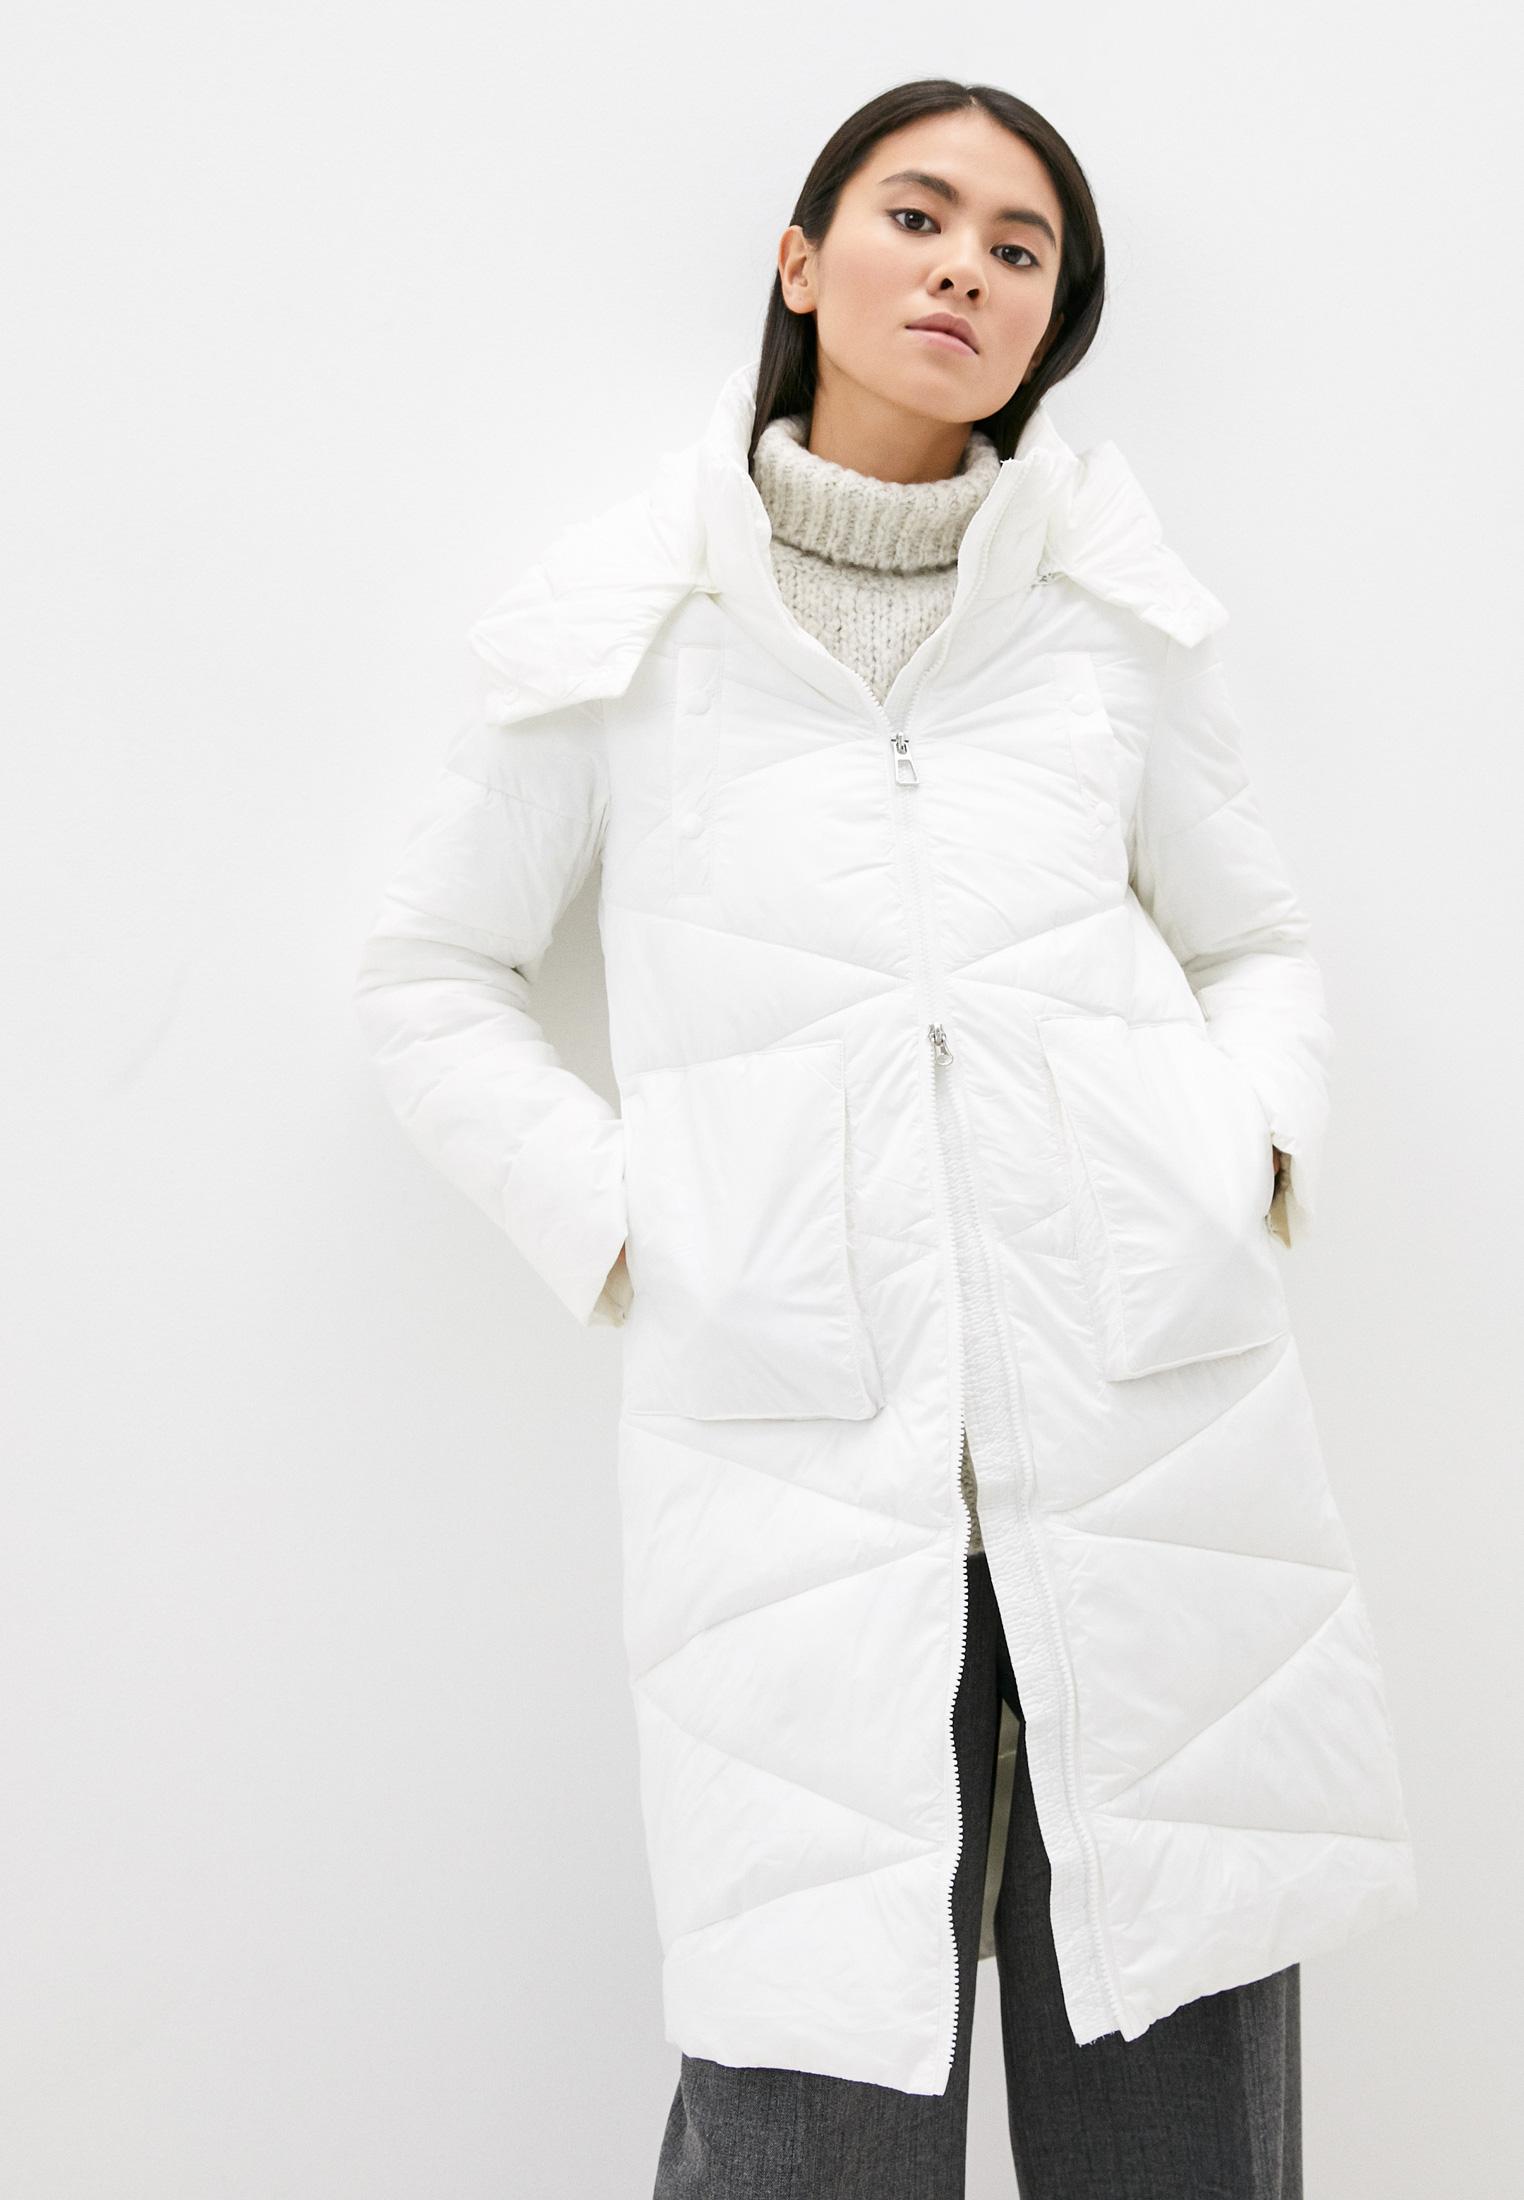 Утепленная куртка Moda Sincera Куртка утепленная Moda Sincera